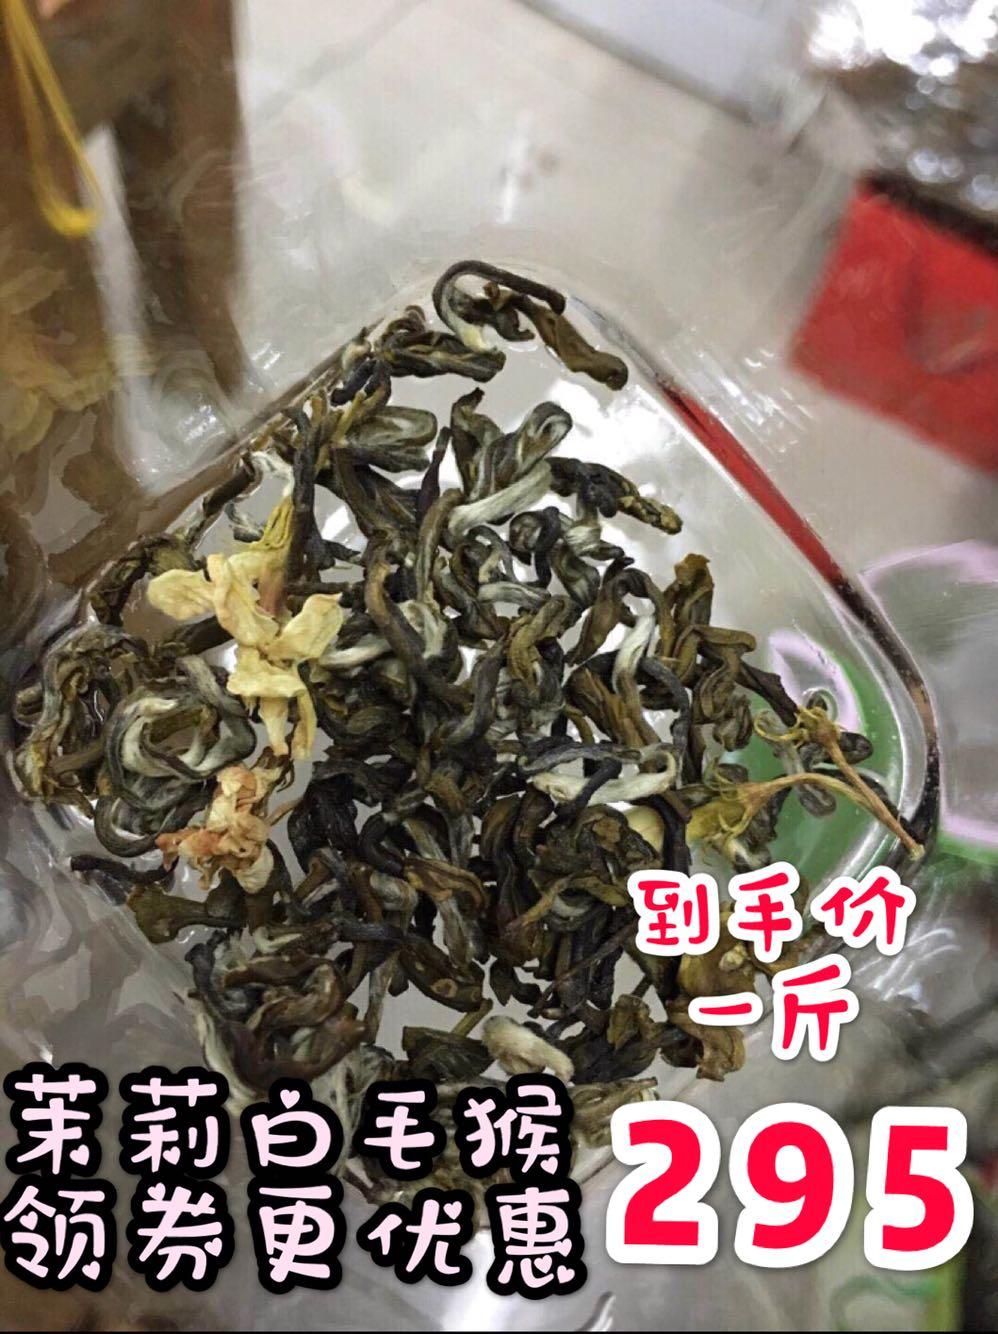 老北京茉莉花茶茉莉白毛猴特级浓香白毛猴茉莉花茶半斤250g袋散装